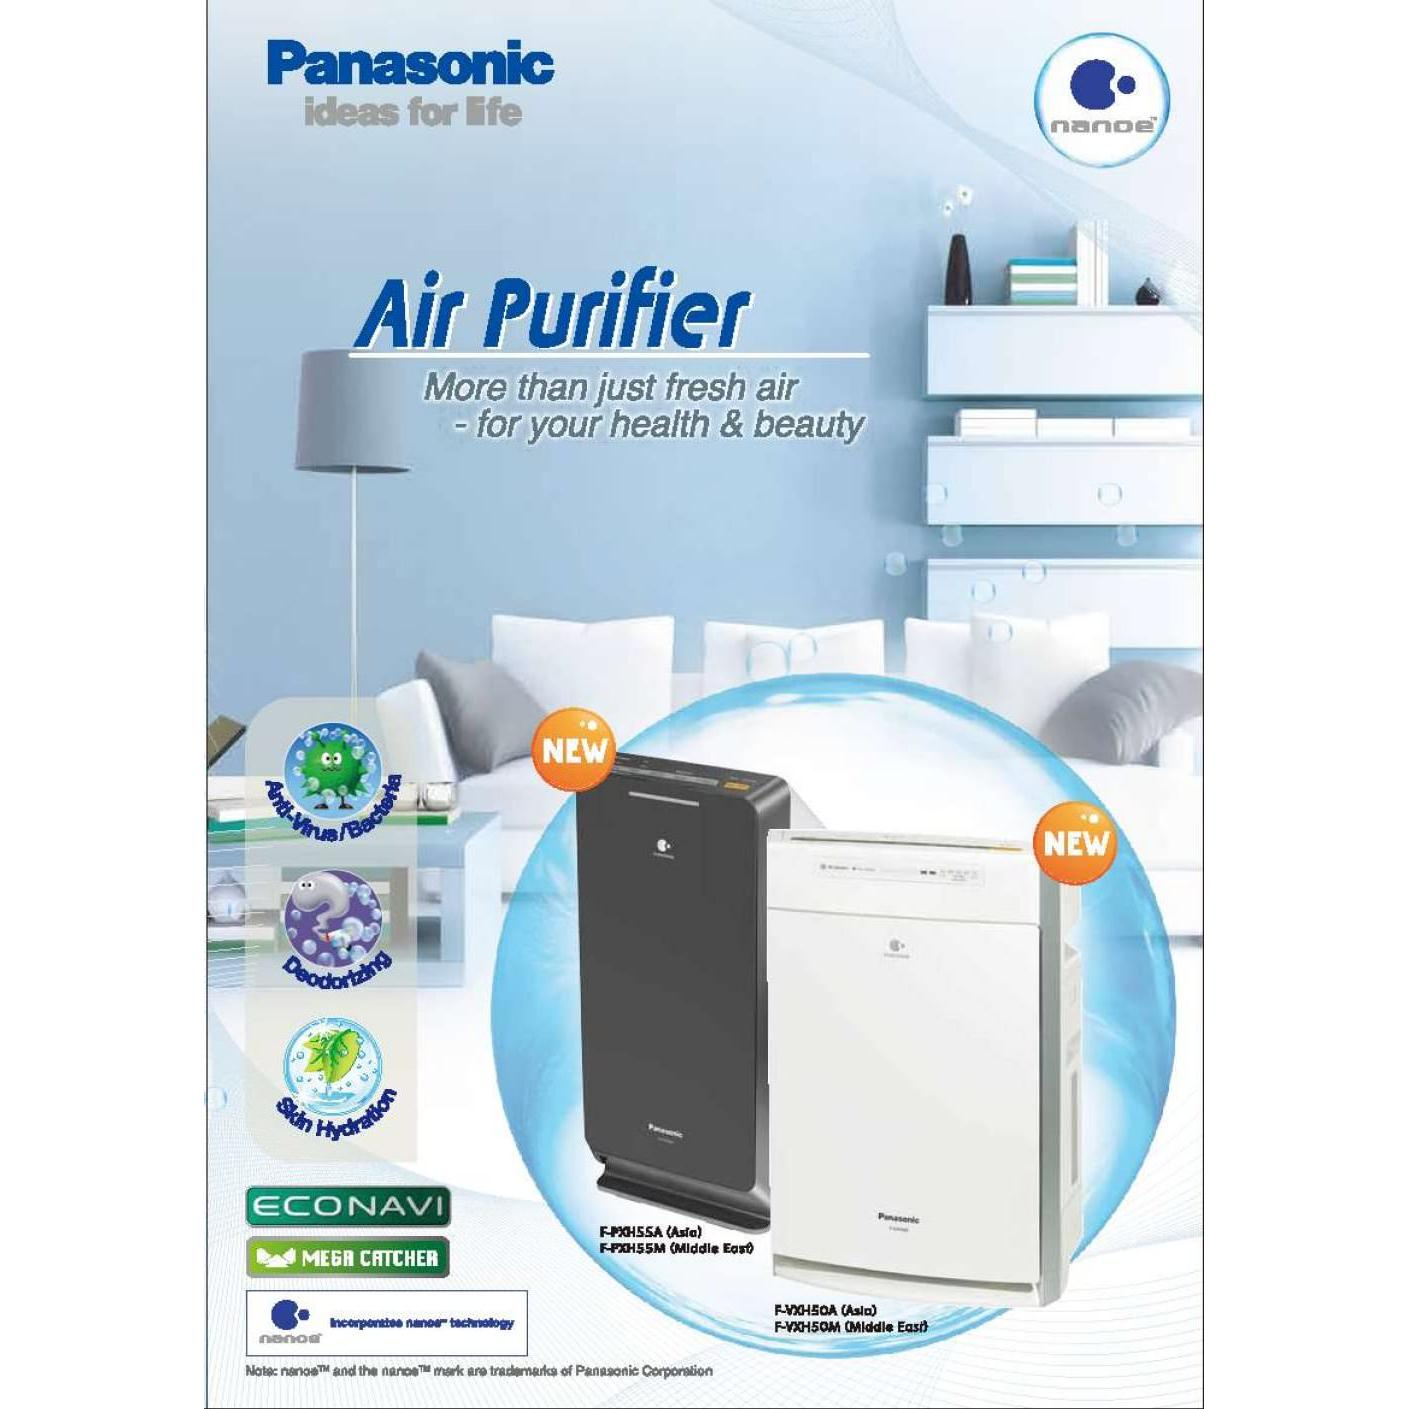 Máy lọc không khí Panasonic F-PXM55A ( Máy lọc khí bụi mịn PM2.5 cho phòng 42m2 )